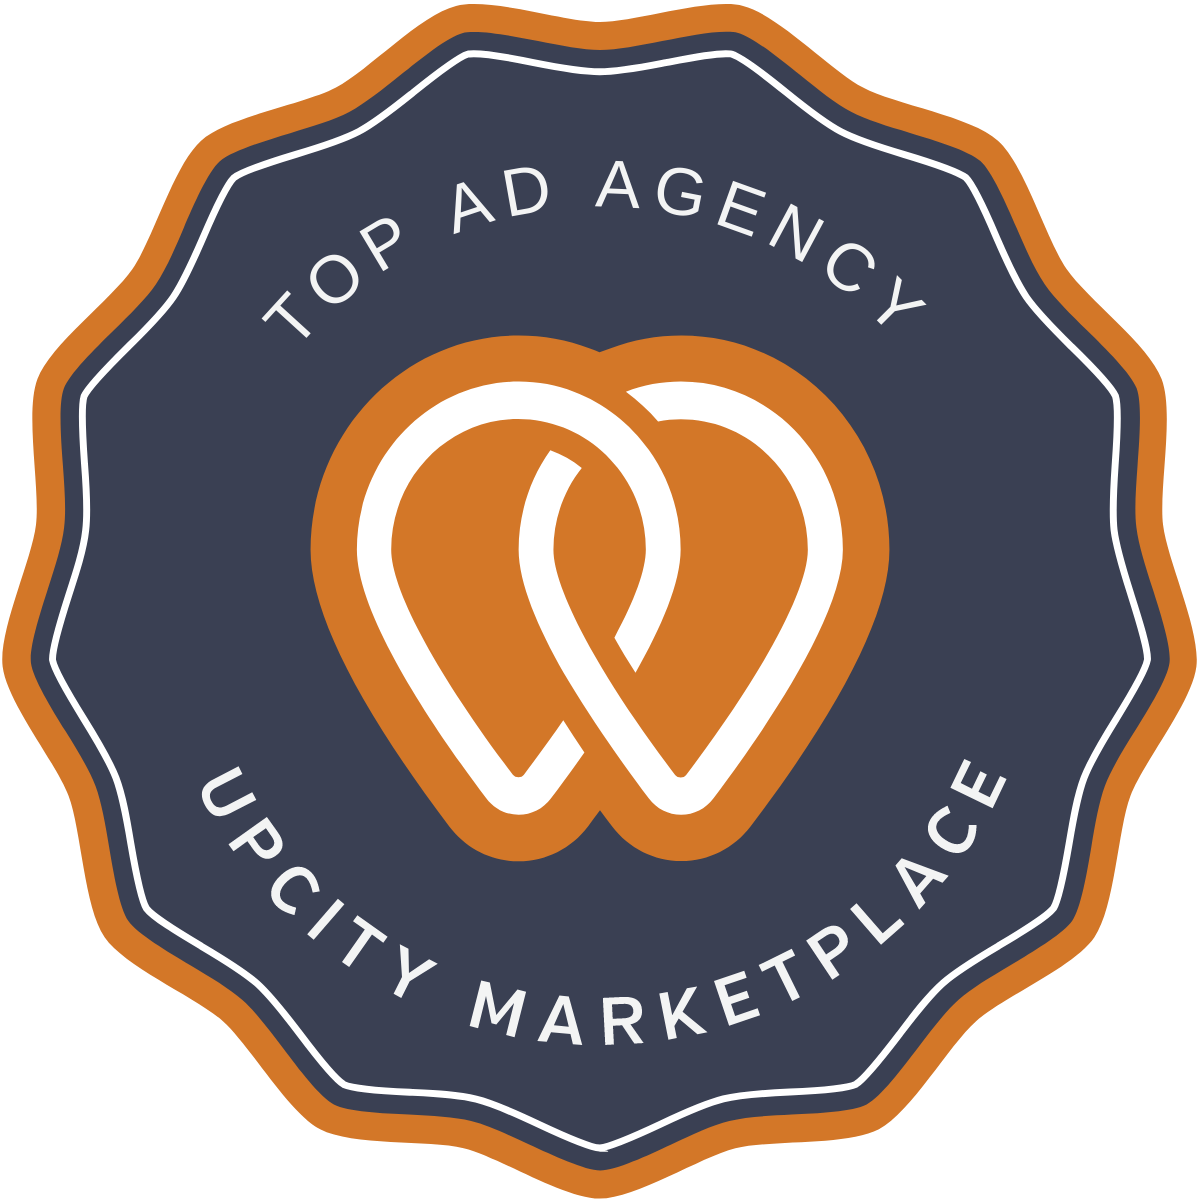 Upcity Ad Award